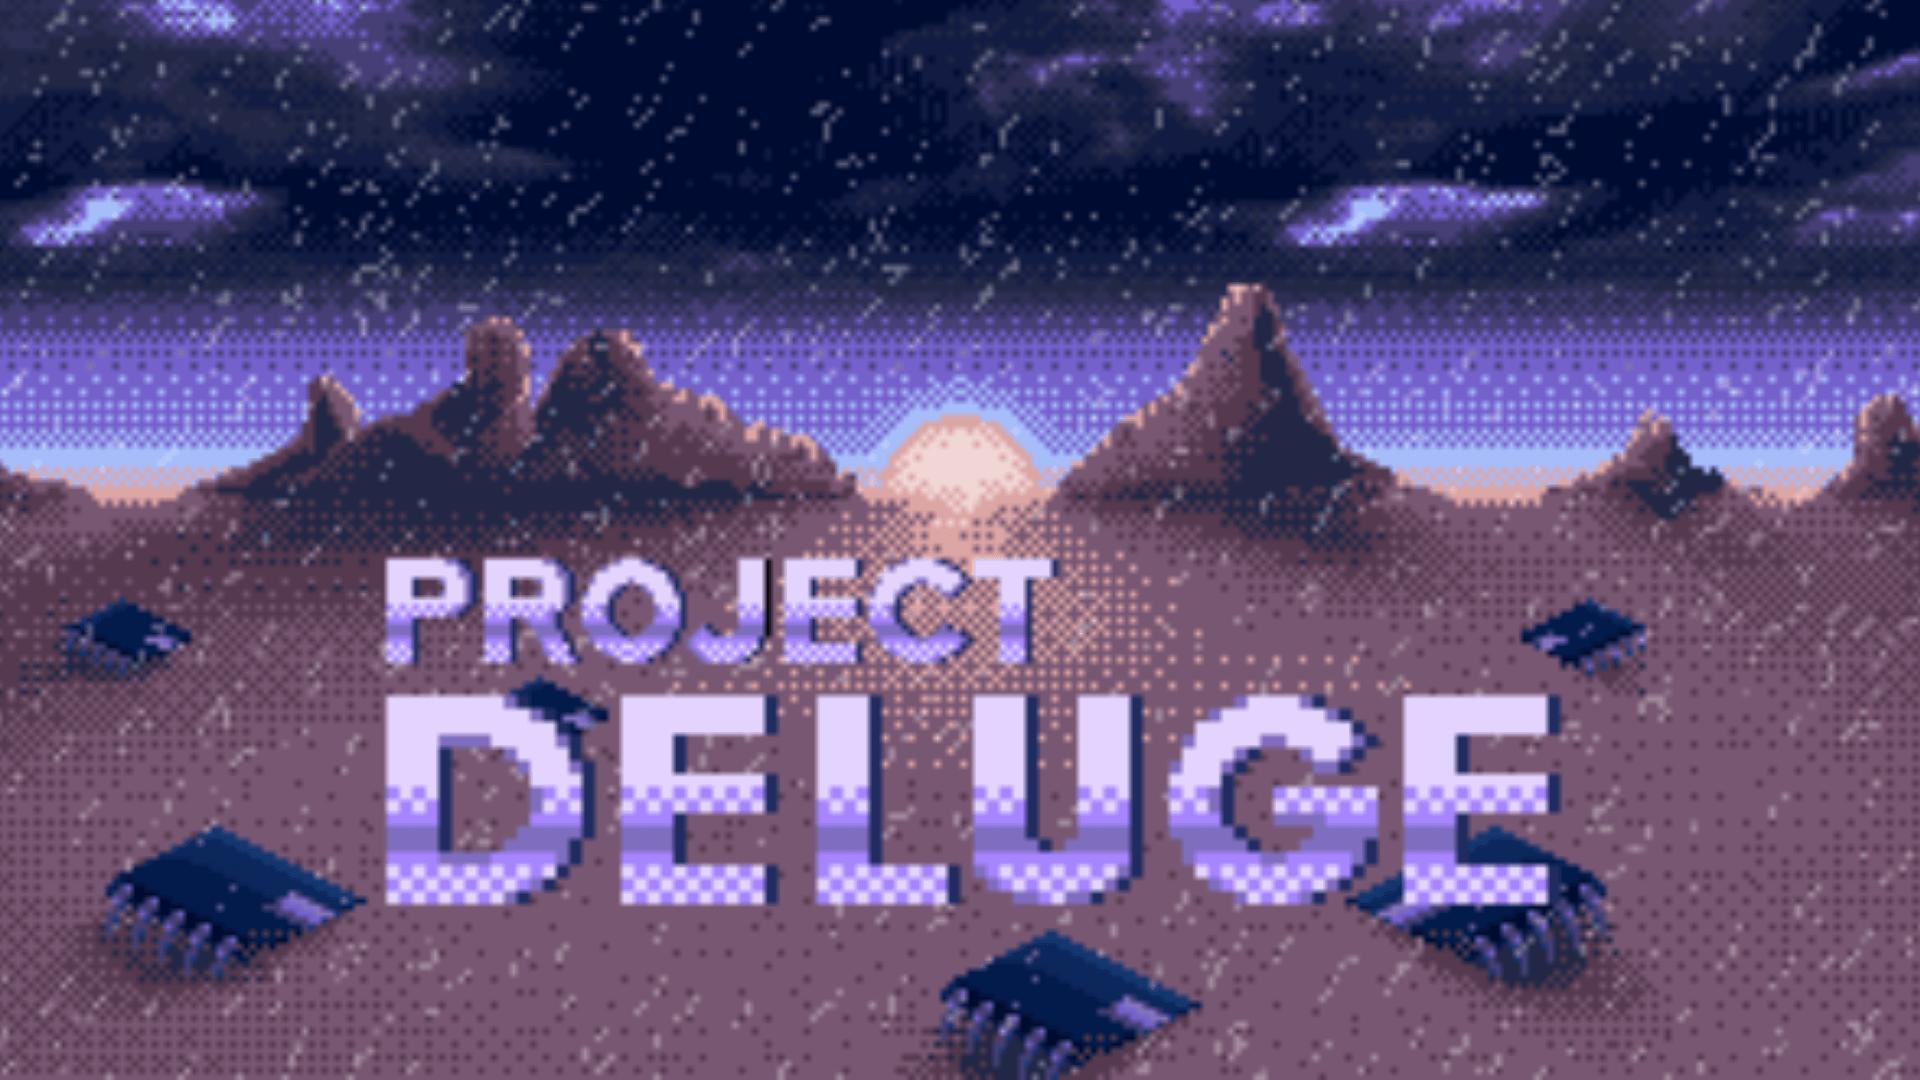 Conoce Project Deluge, una iniciativa que reúne más de 700 prototipos de juegos de PS2